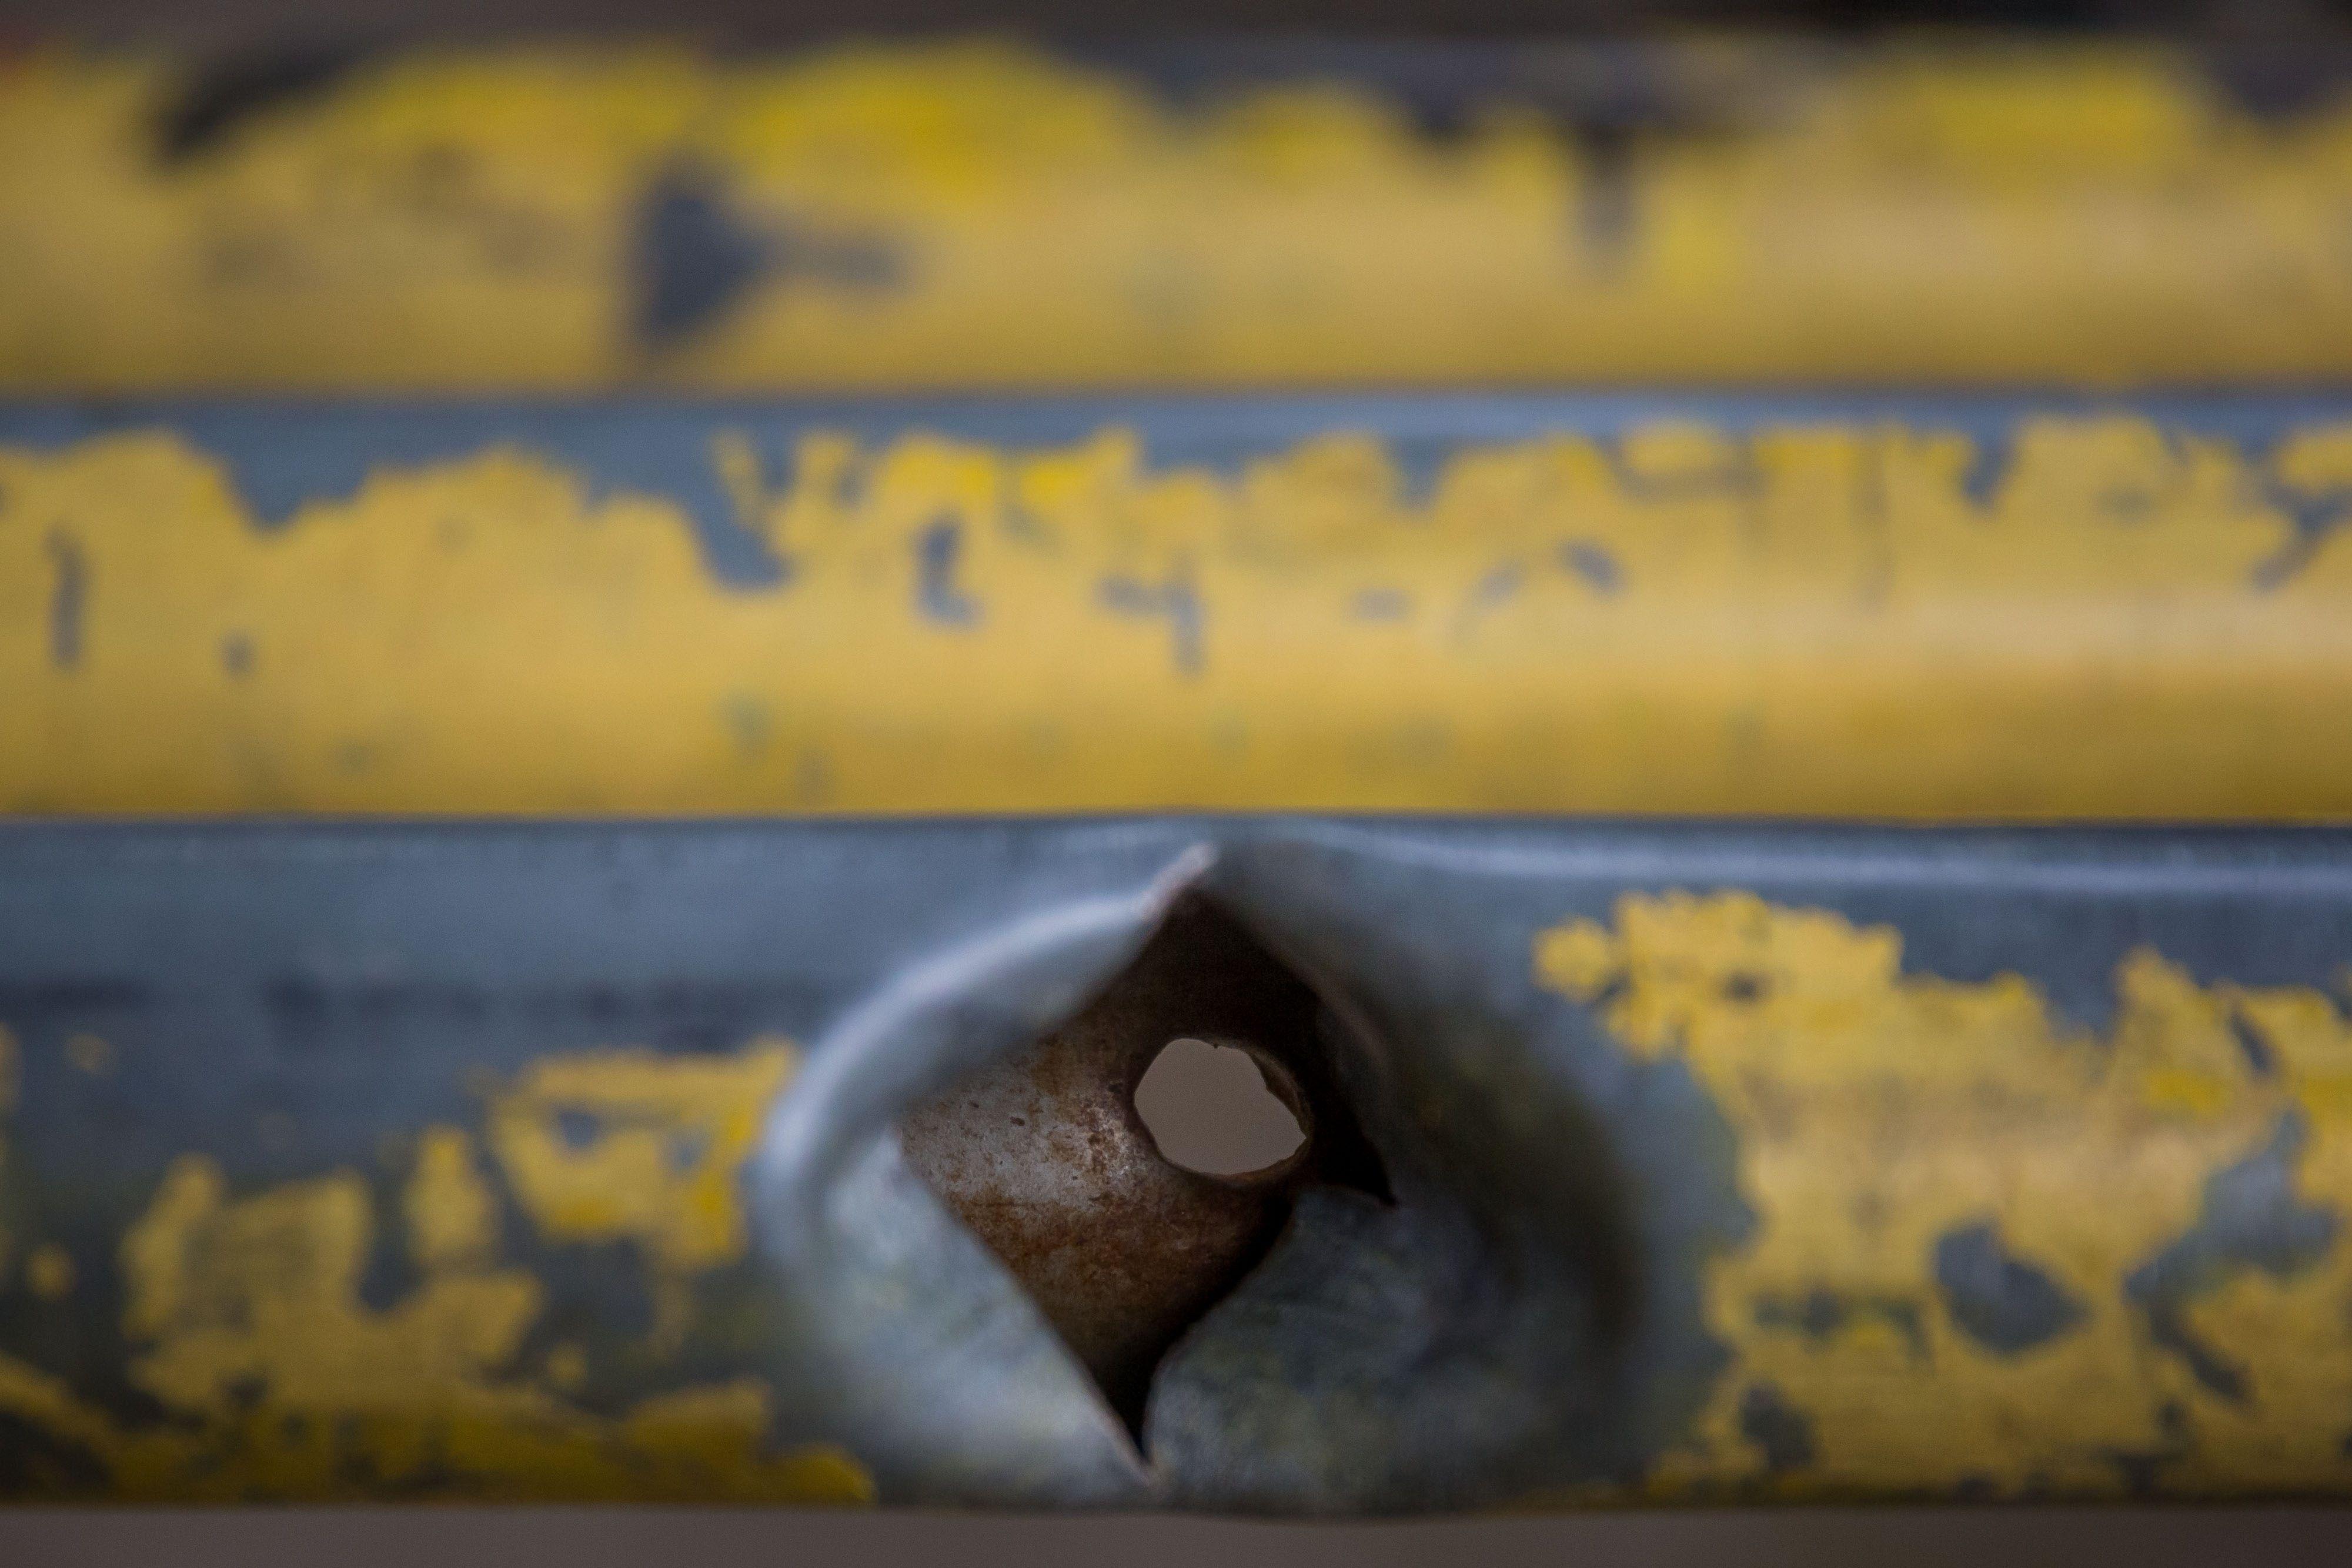 Fotografía de un impacto de bala en una baranda de metal en un campo de béisbol juvenil en La Vega, el 07 de junio de 2021, en Caracas (Venezuela). EFE/ Miguel Gutiérrez